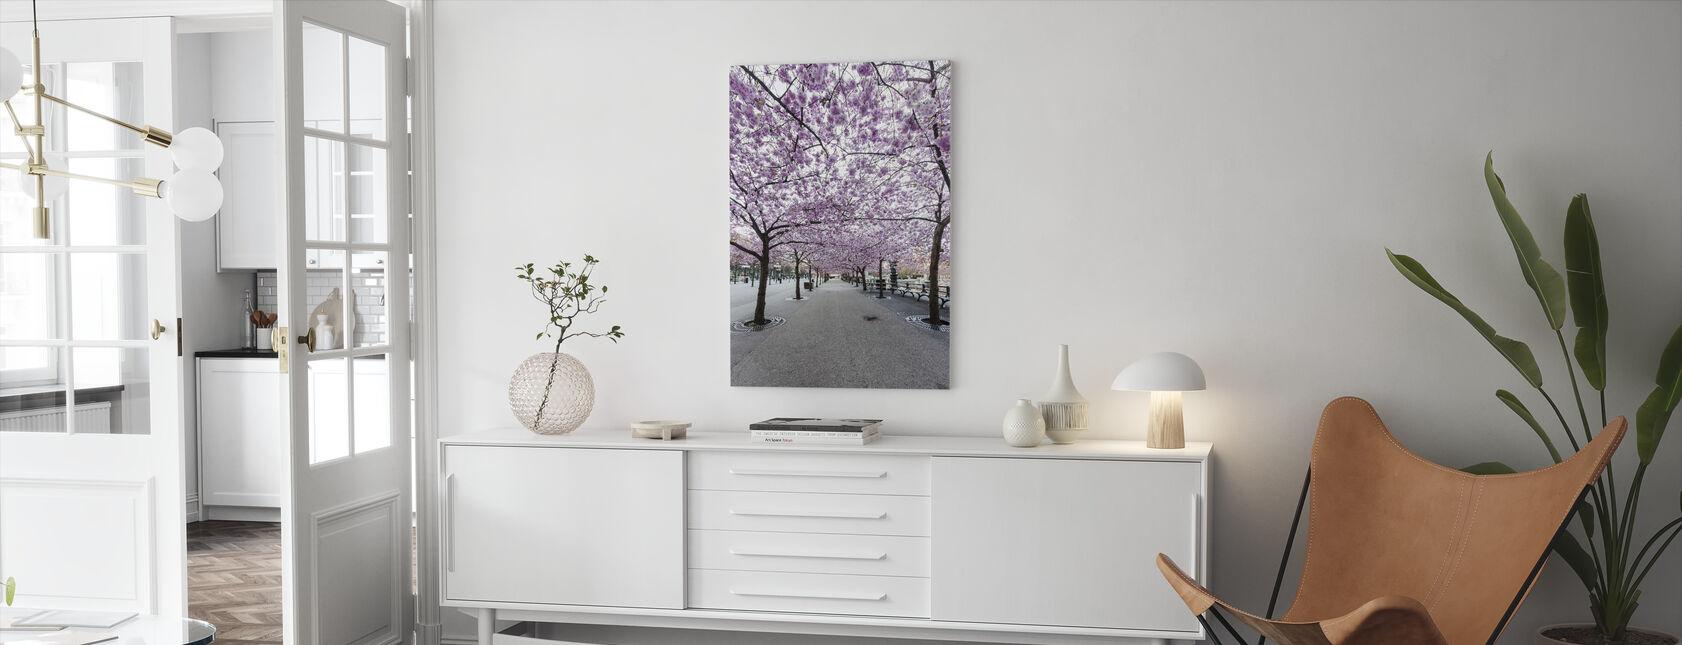 Kirsebærtræ blomstrer - Billede på lærred - Stue